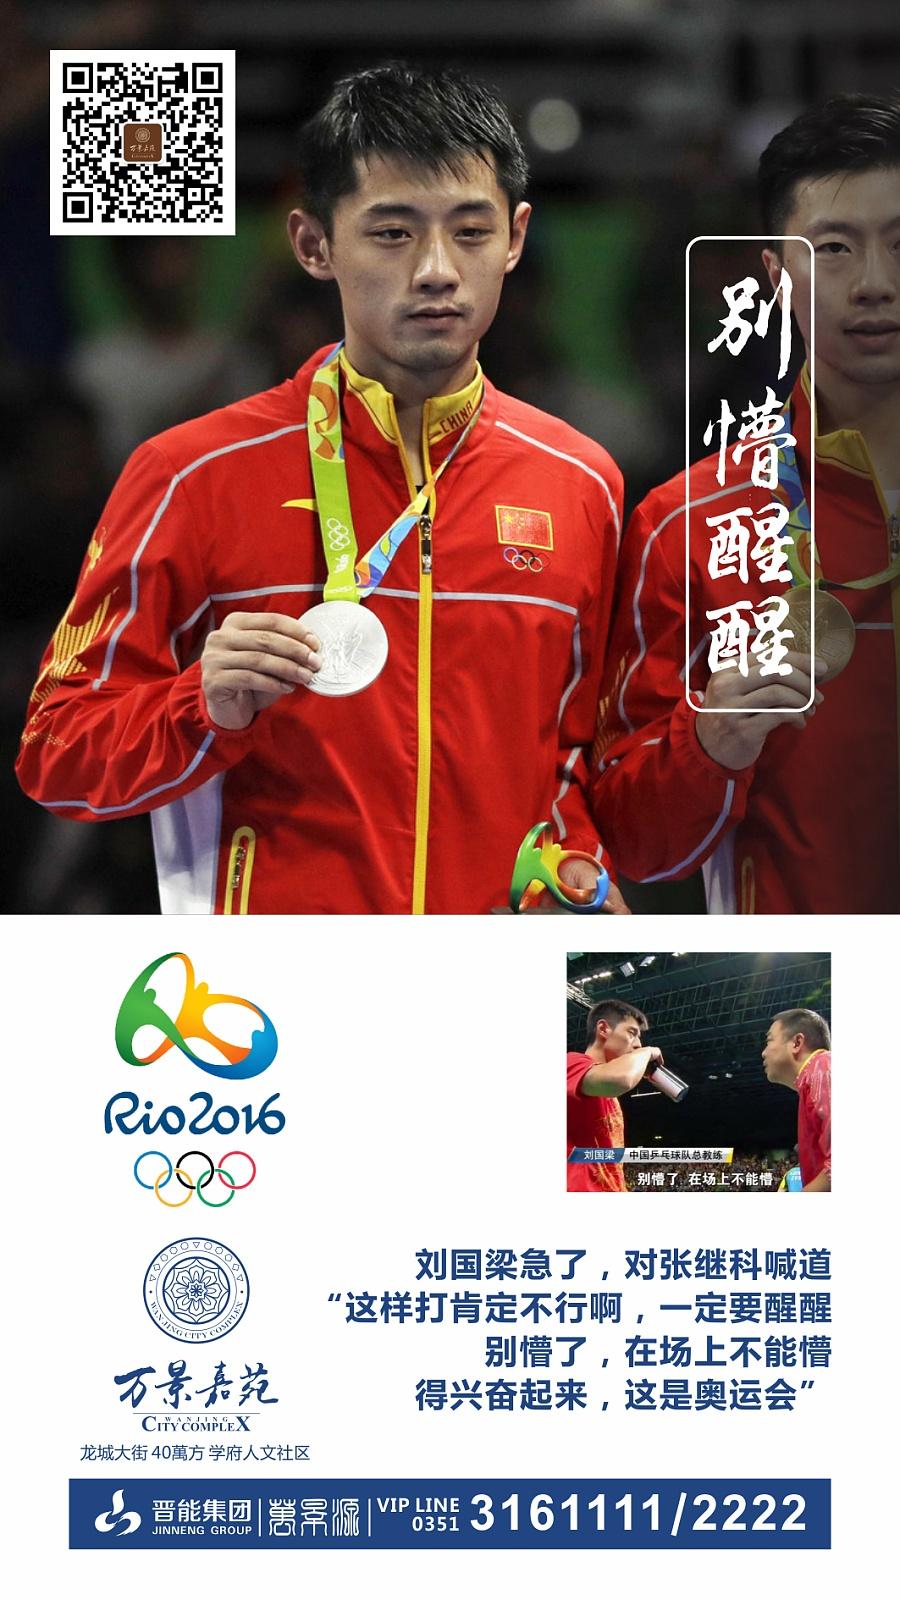 房地产广告微信海报-里约奥运会-孙杨-段子手傅